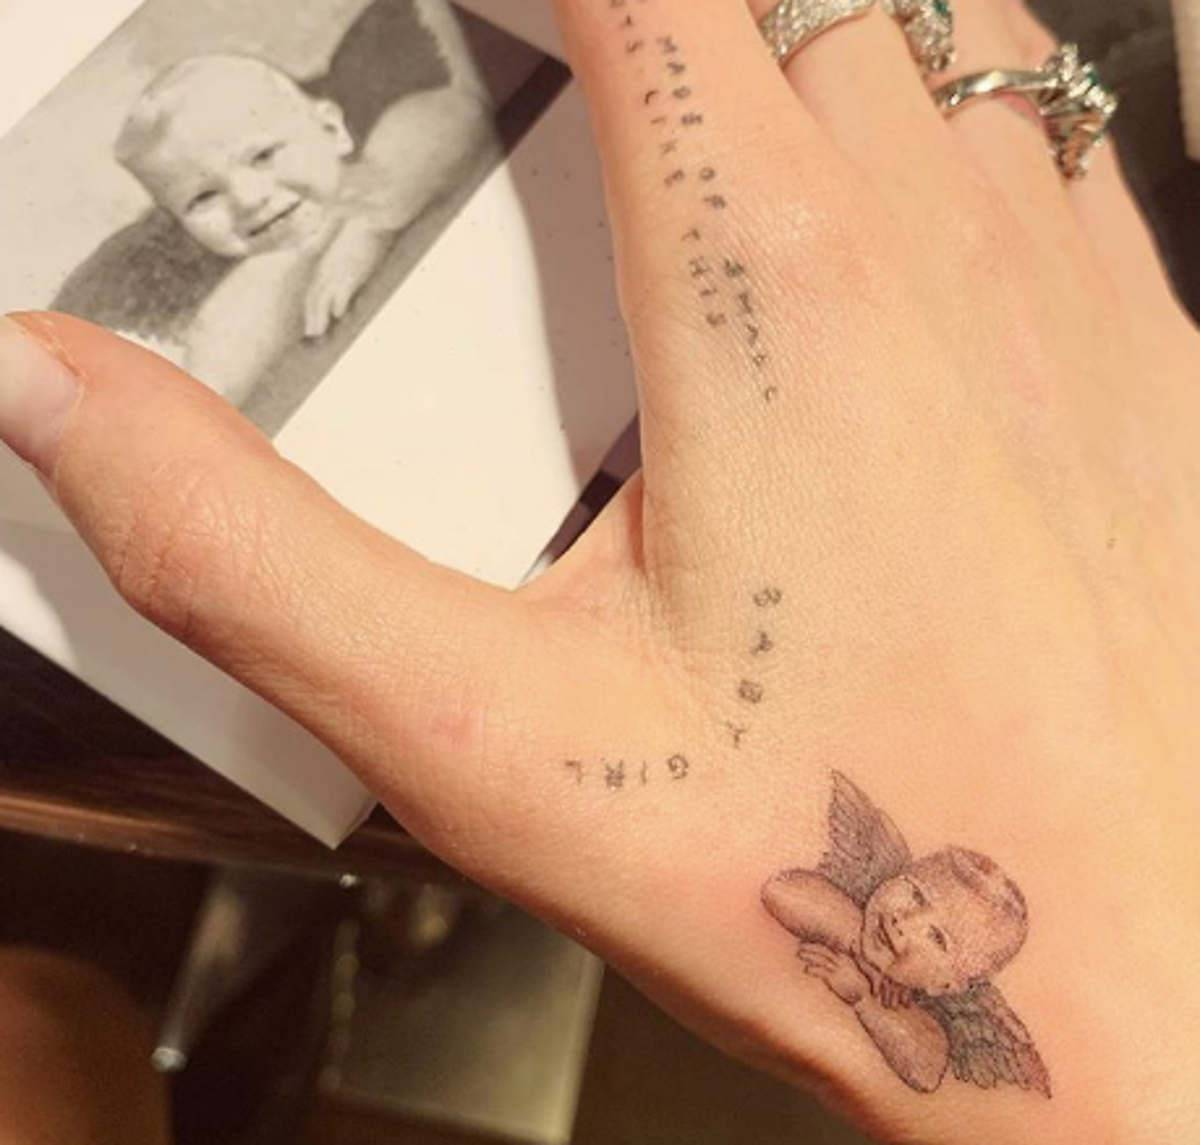 Chiara Ferragni tatuaggio Leone